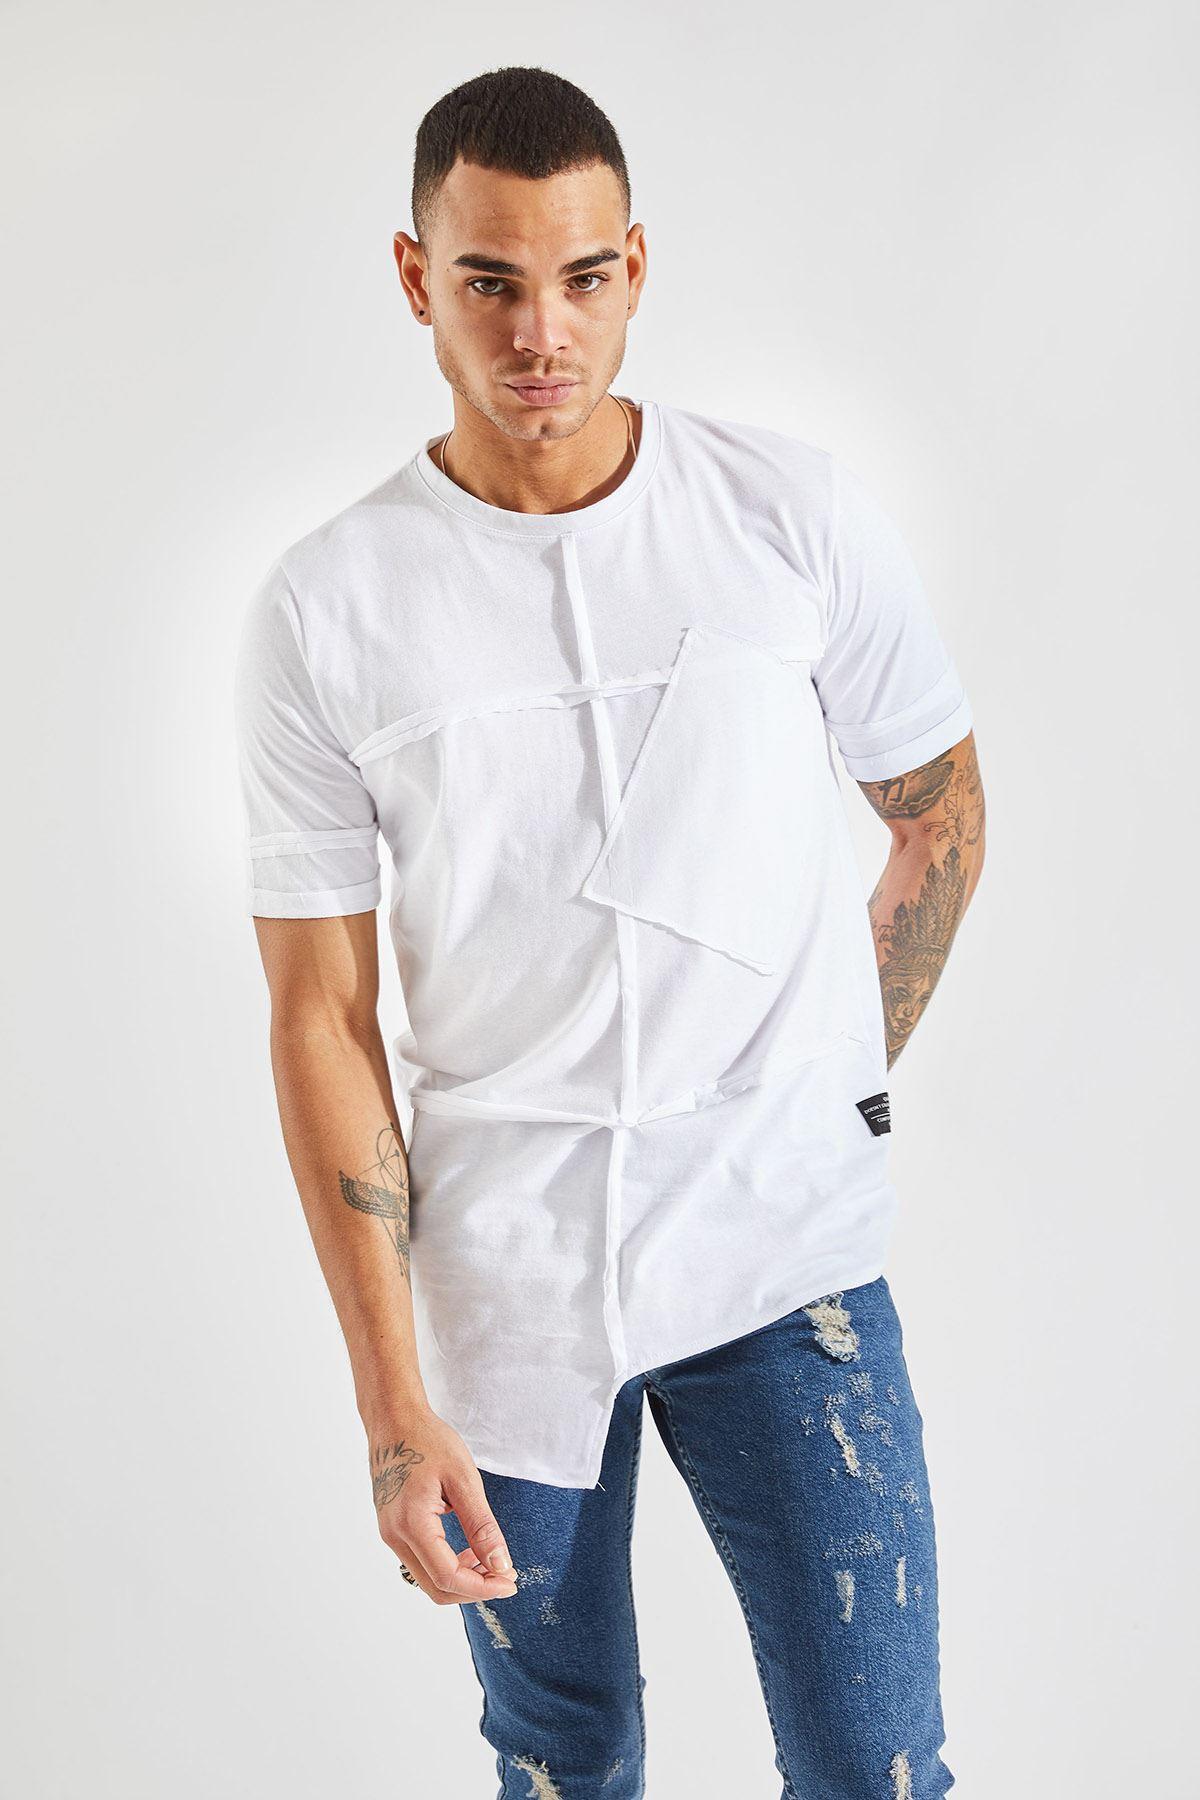 Erkek Parçalı Cepli Beyaz T-Shirt